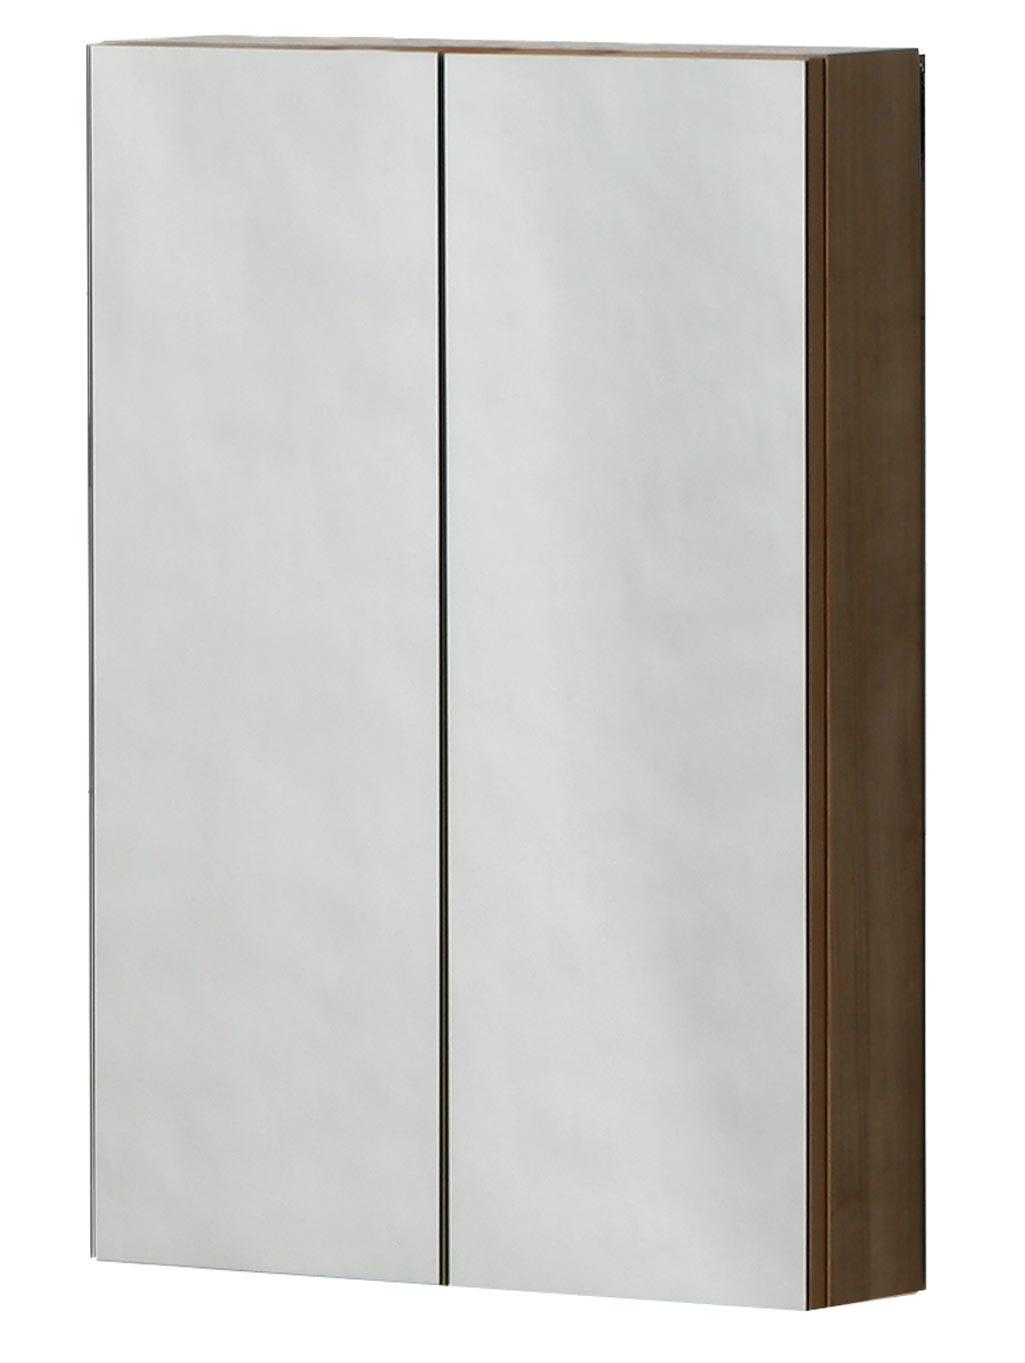 Espejo Camerino cerrado. Se aprecian los dos espejos que lo forman.